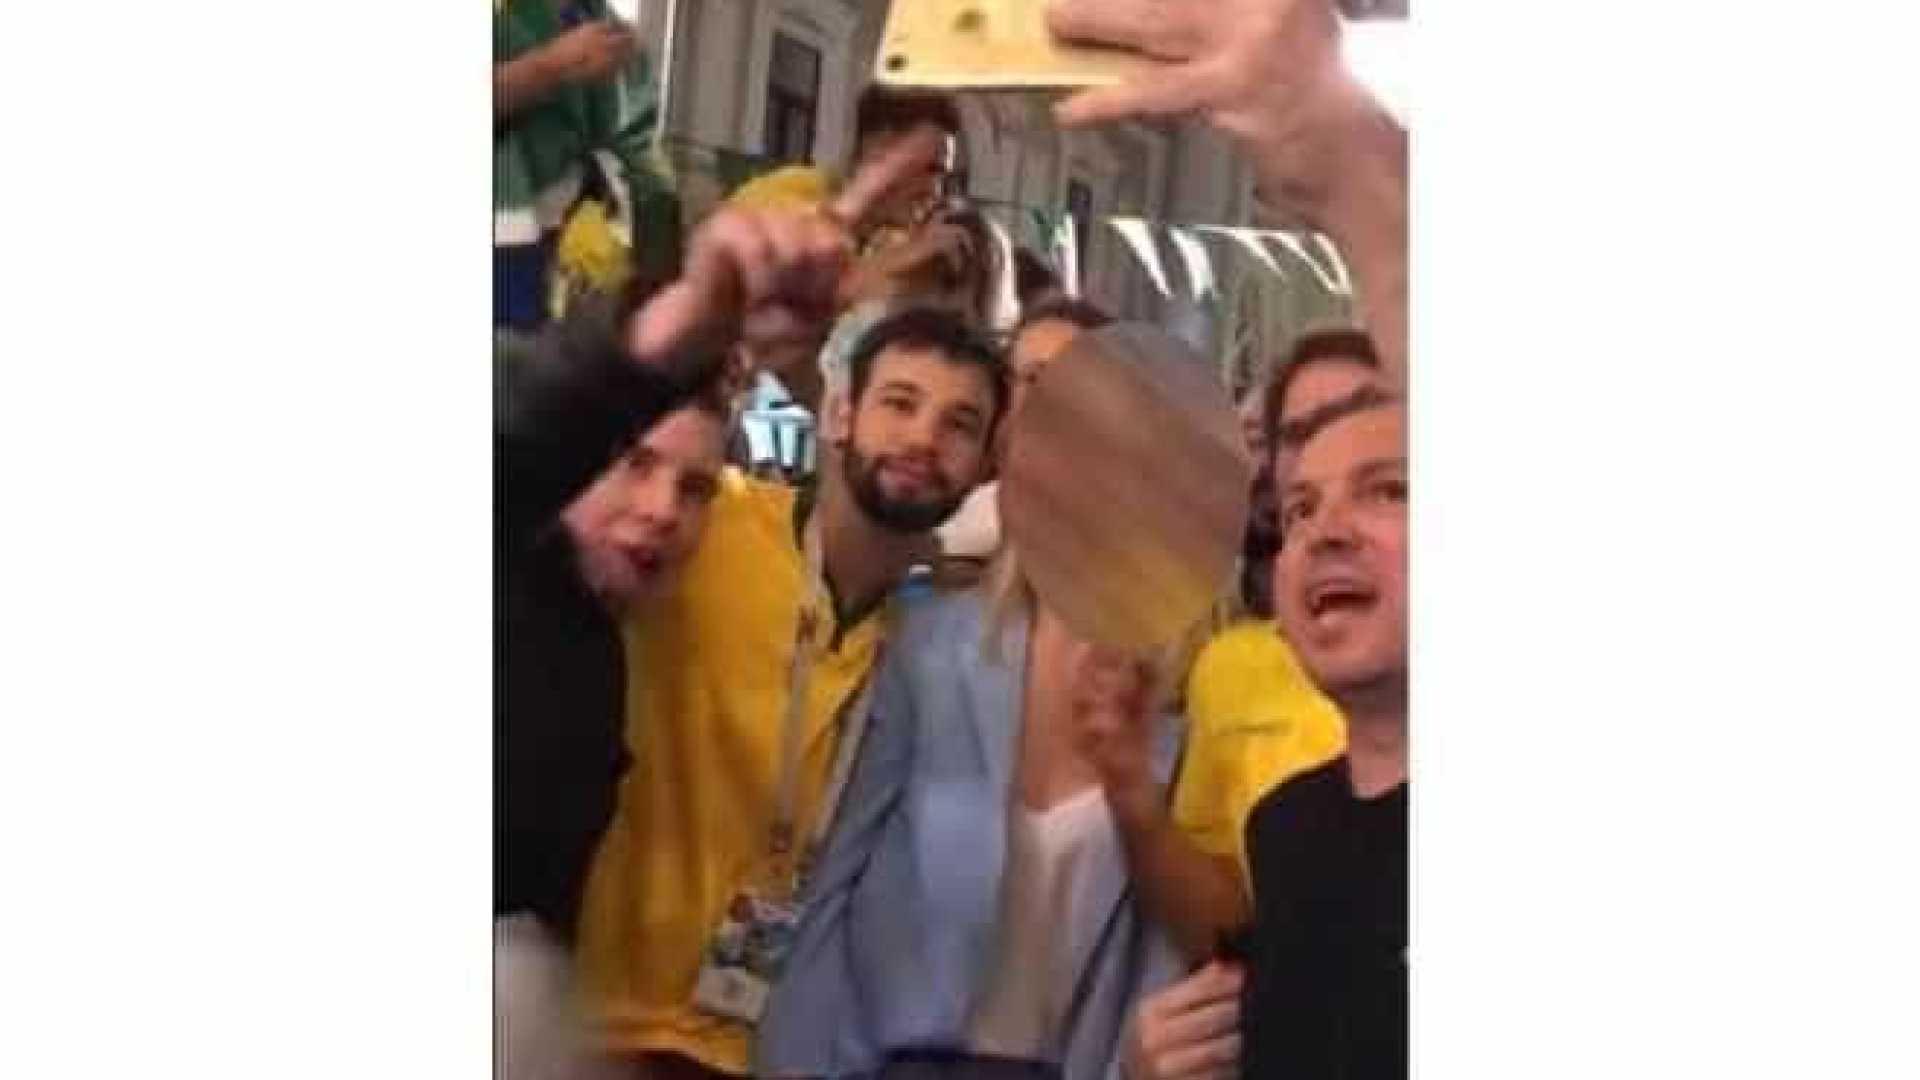 'Estão acabando com a vida da gente' diz um dos Brasileiros que assediou mulher na Rússia